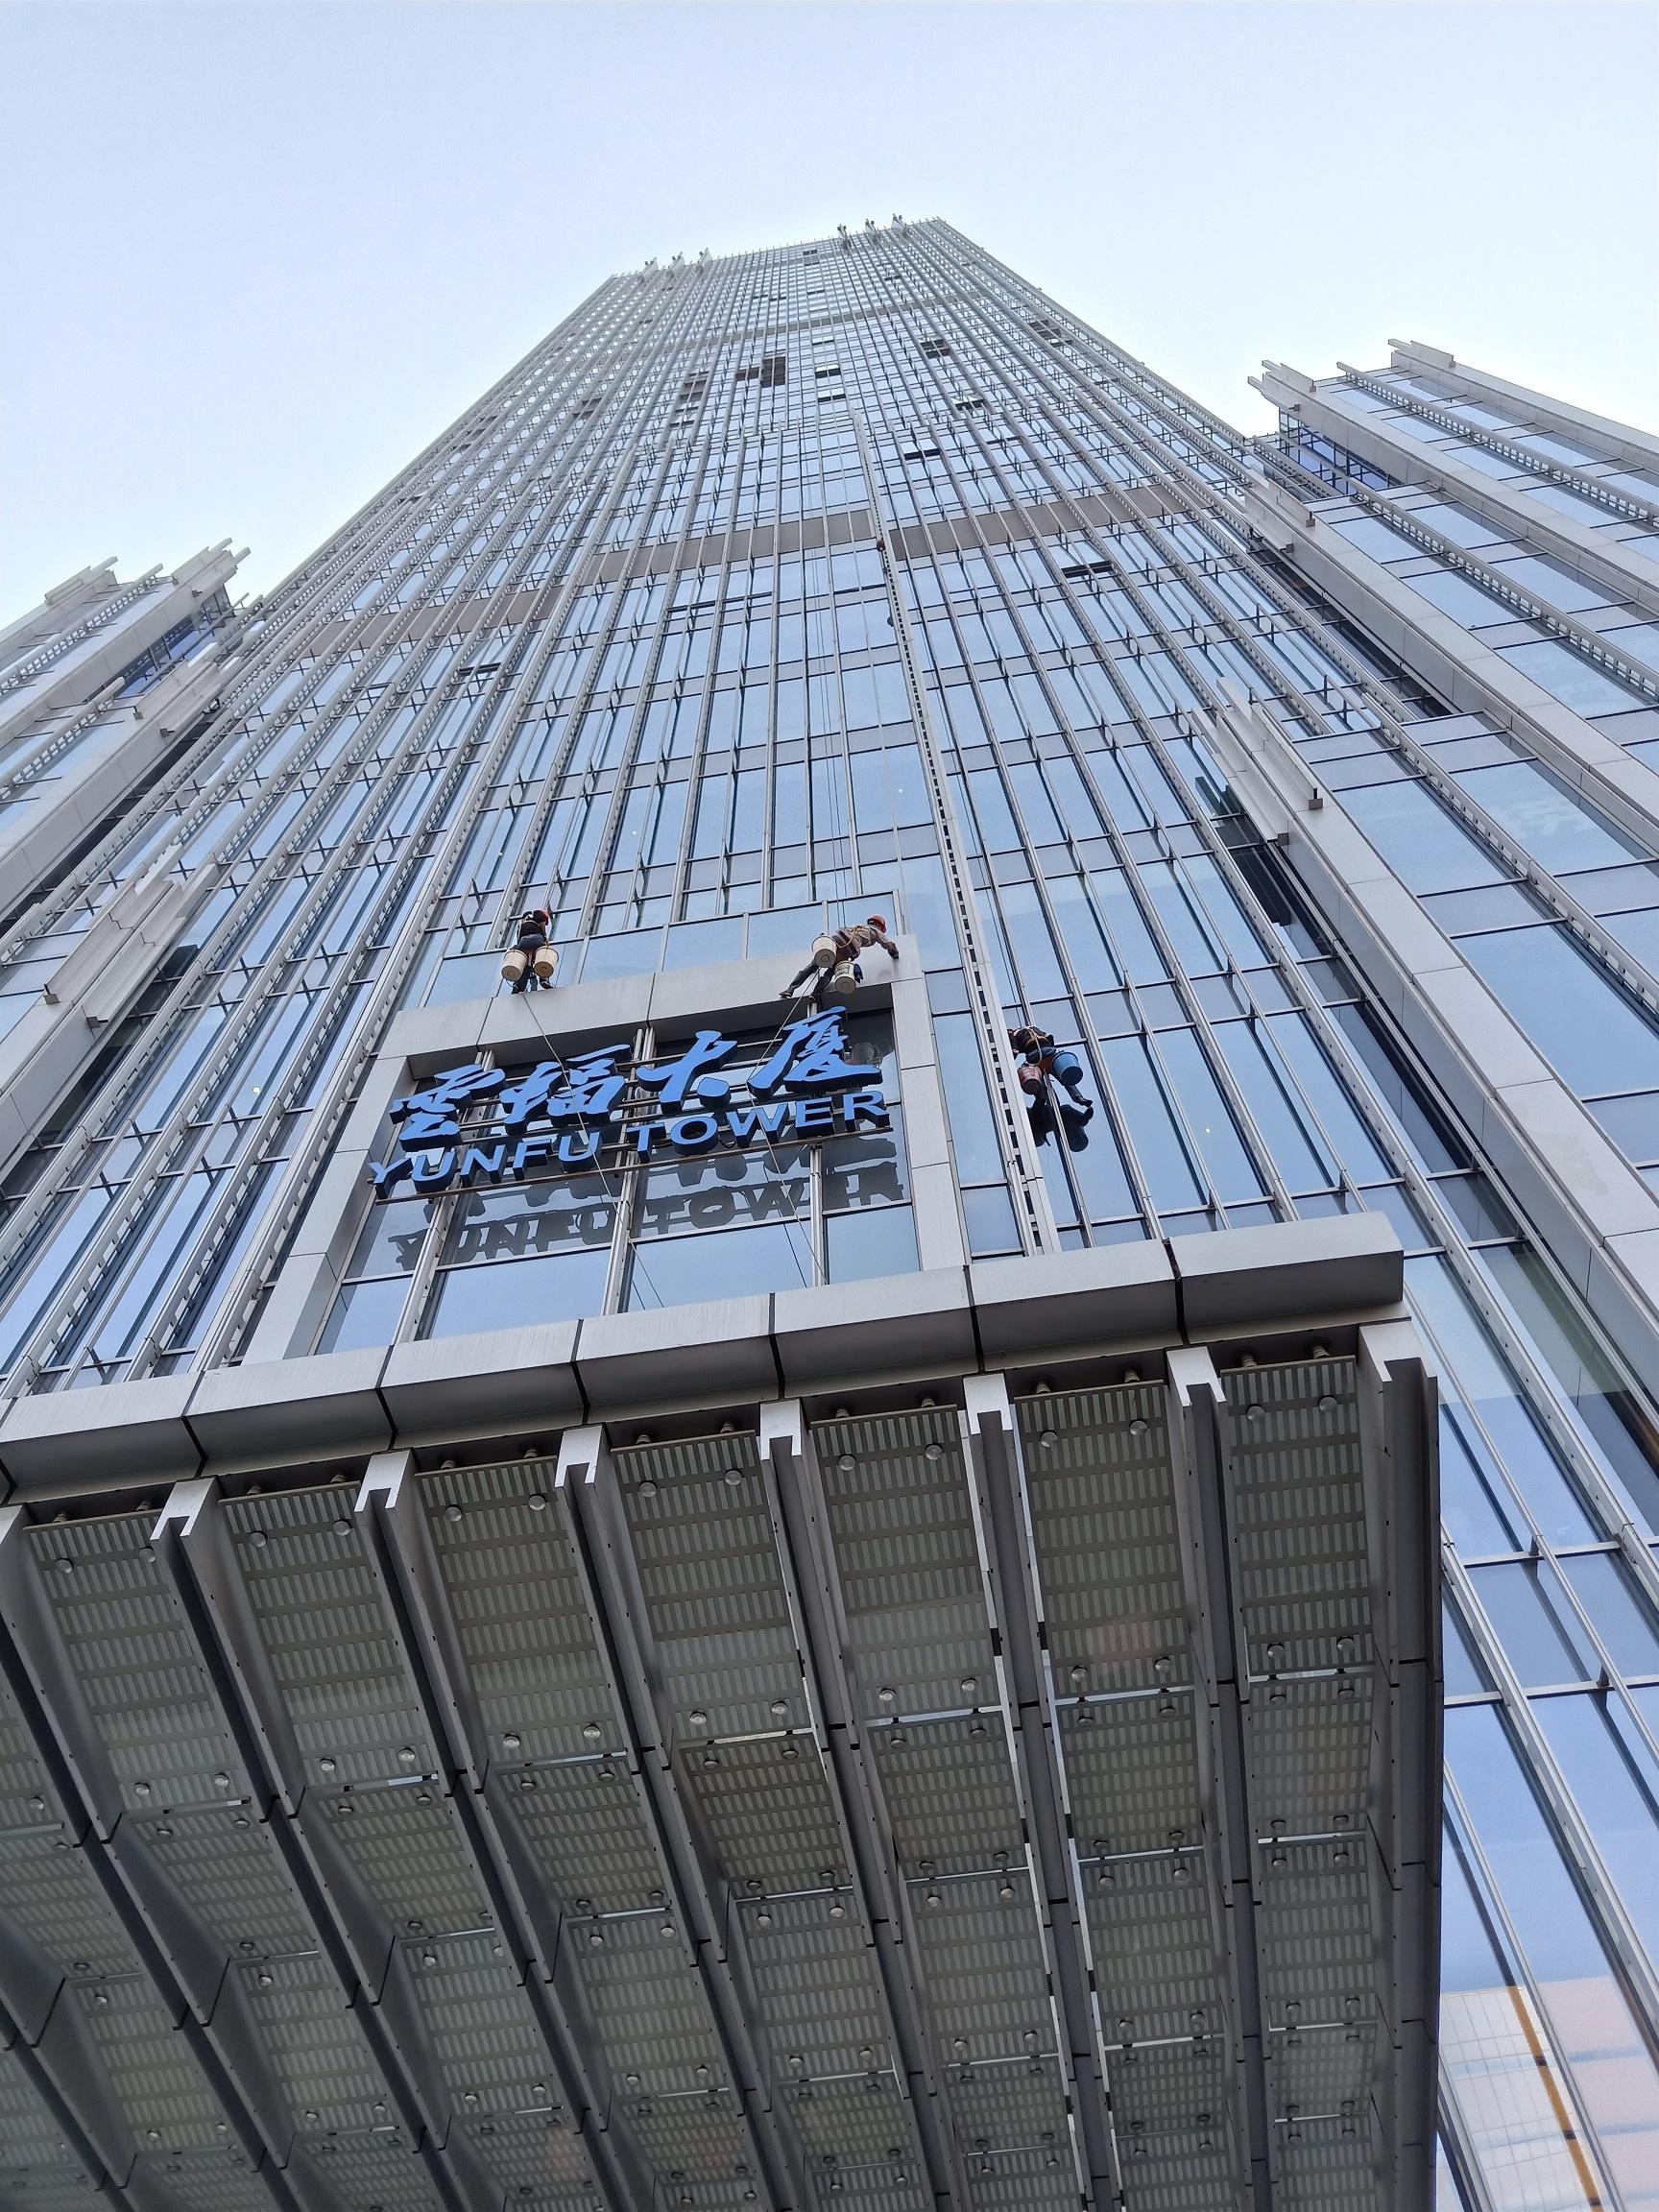 高空外墙清洗公司安全注意事项九个要求